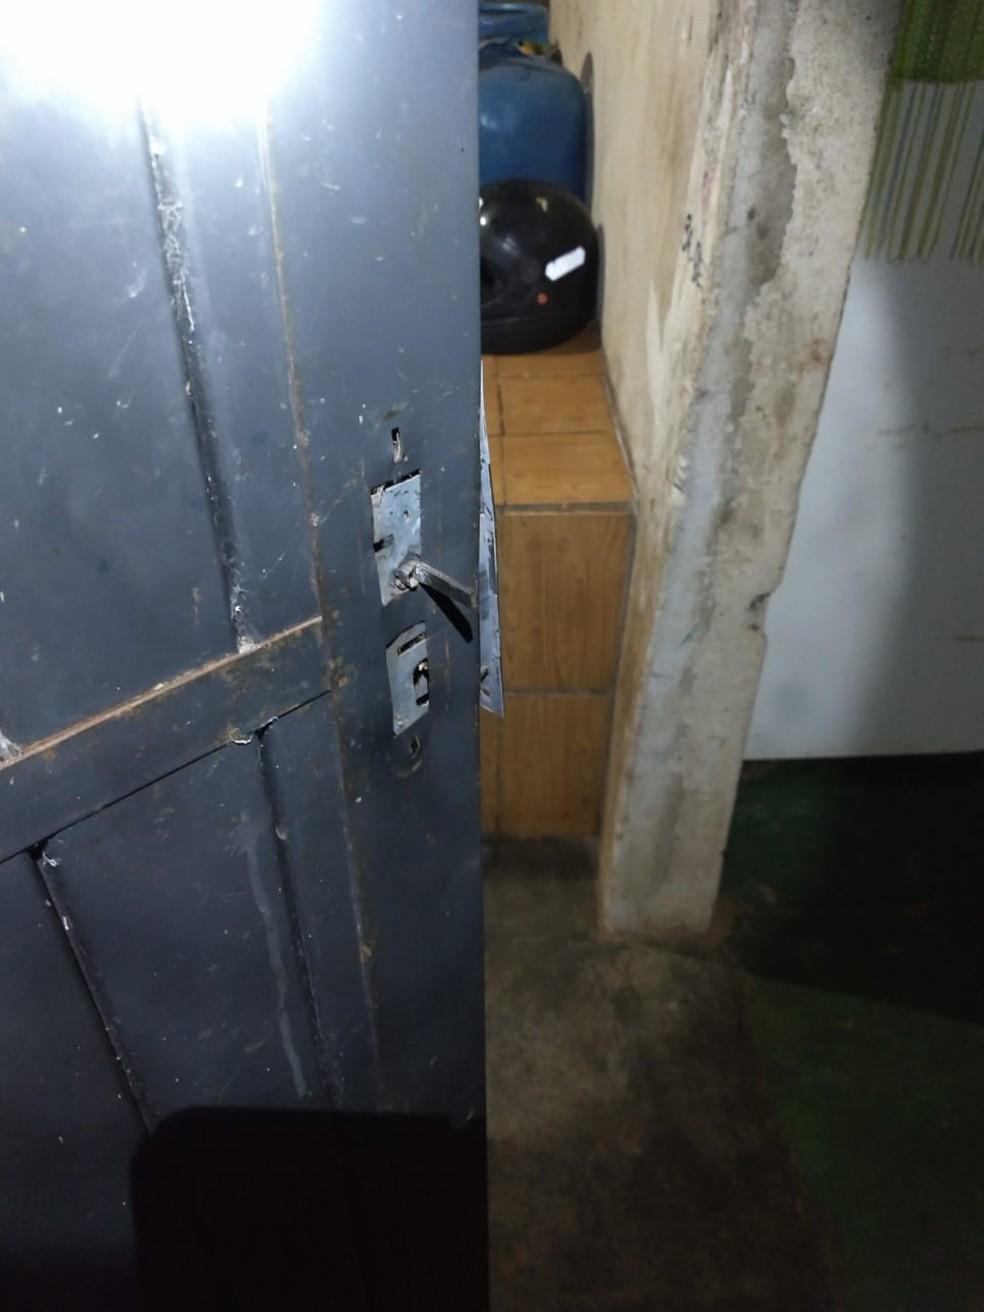 Foto divulgada pela polícia mostra fechadura e porta quebradas pelo ex-marido (Foto: Polícia Militar de MT)